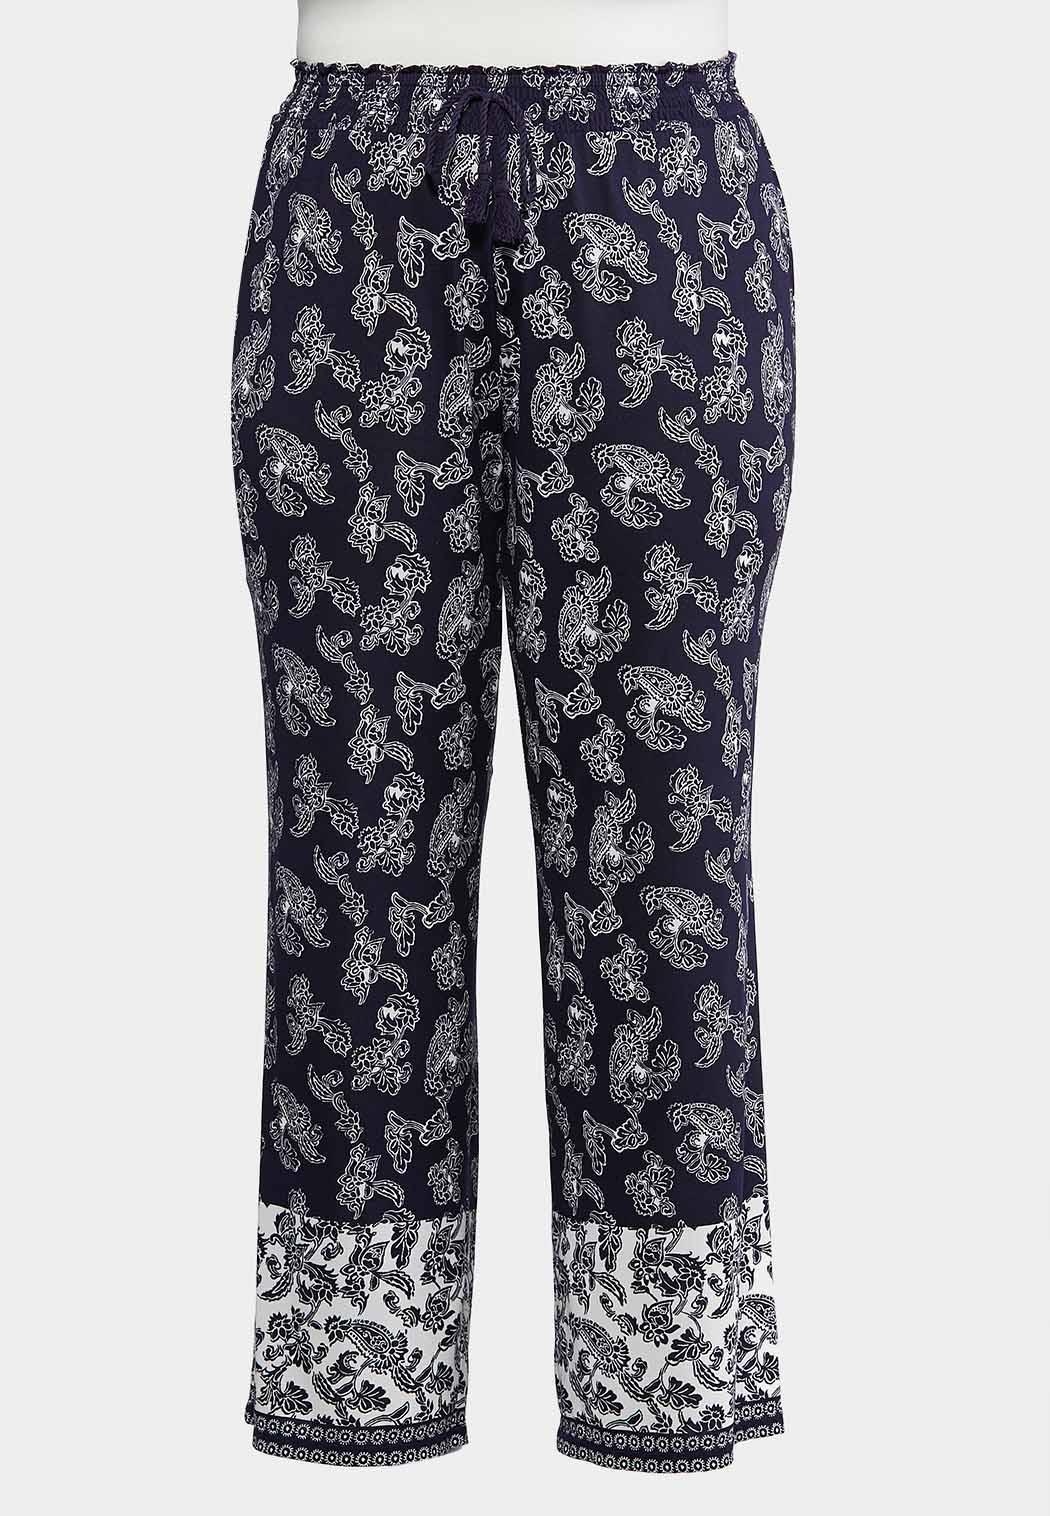 3db12b0316064 Women s Plus Size Pants